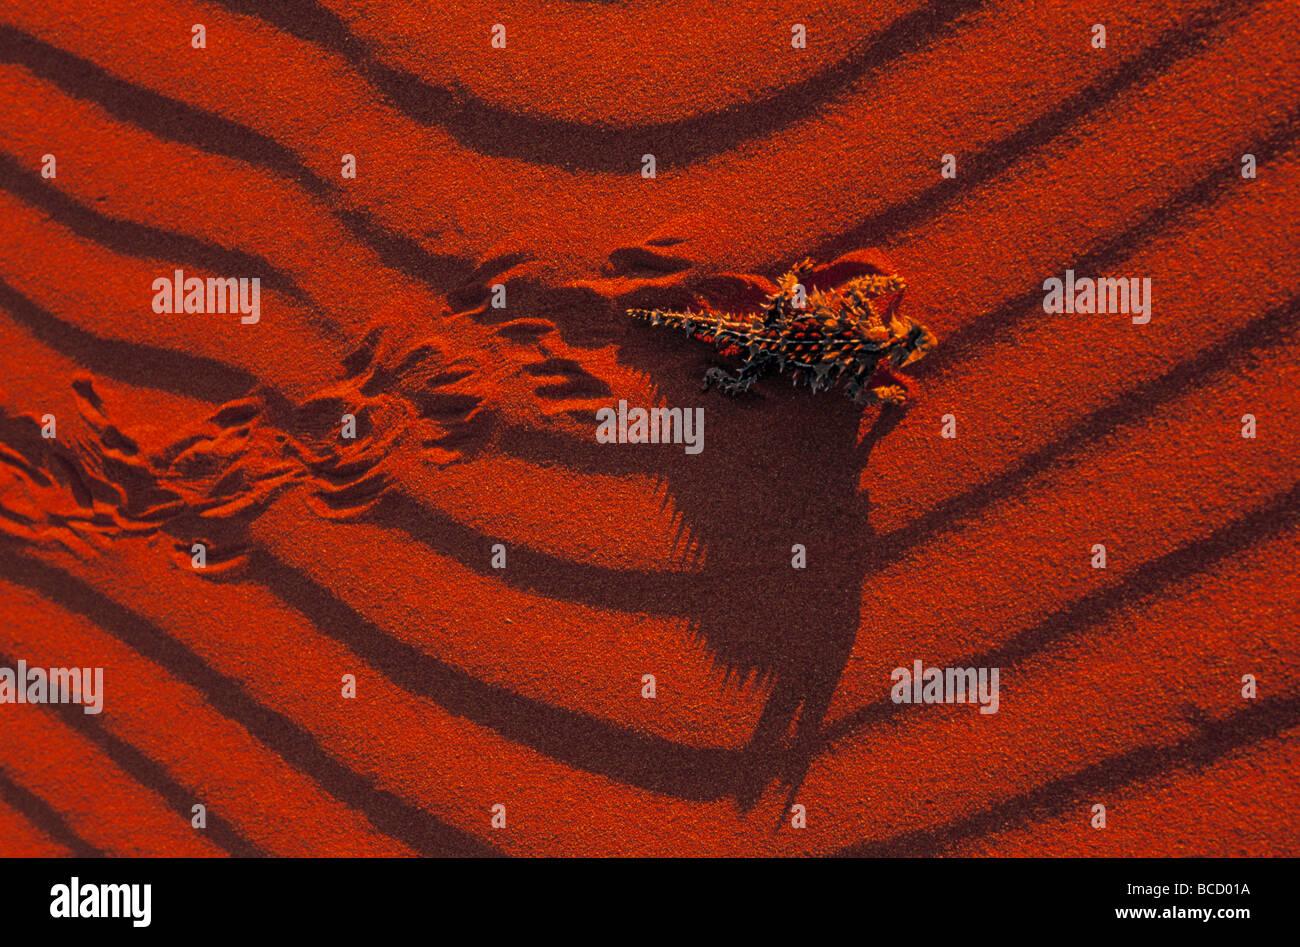 Diavolo spinoso LIZARD (Moloch horridus) attraversando rosso sabbia ondulata Immagini Stock